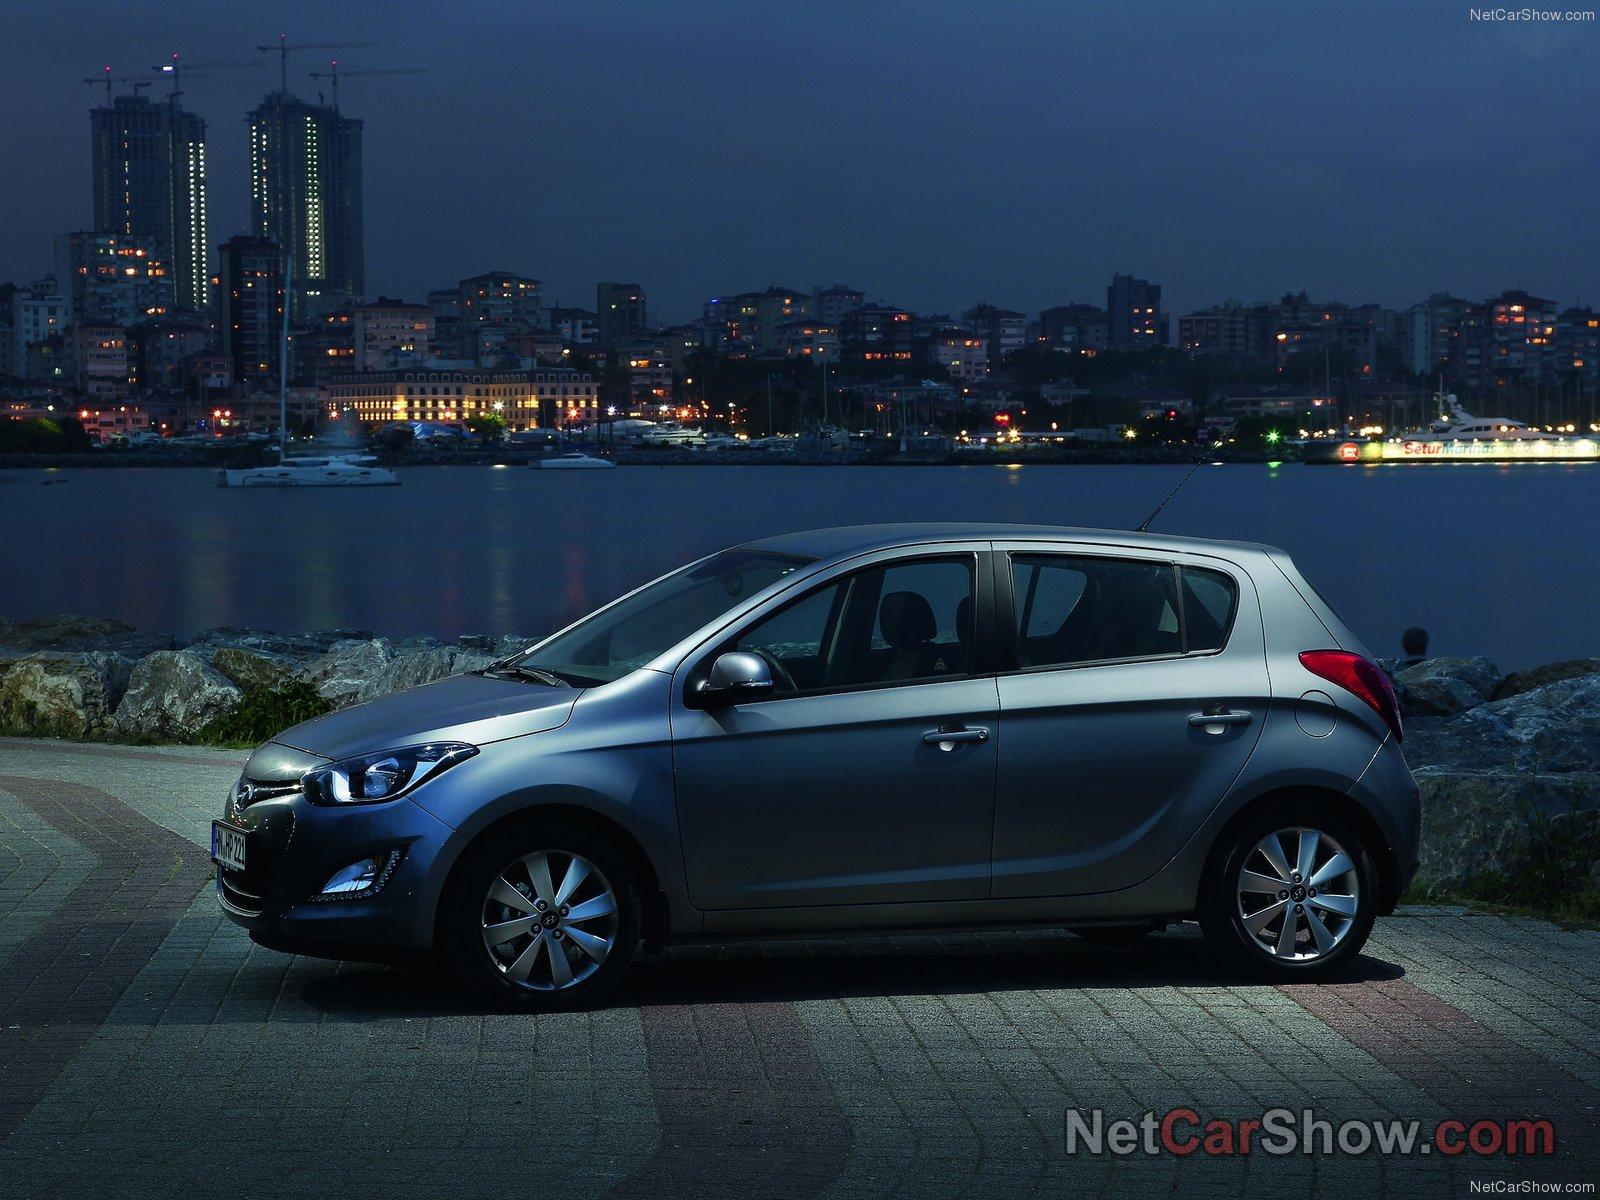 Hyundai i20 picture # 93036 | Hyundai photo gallery ...